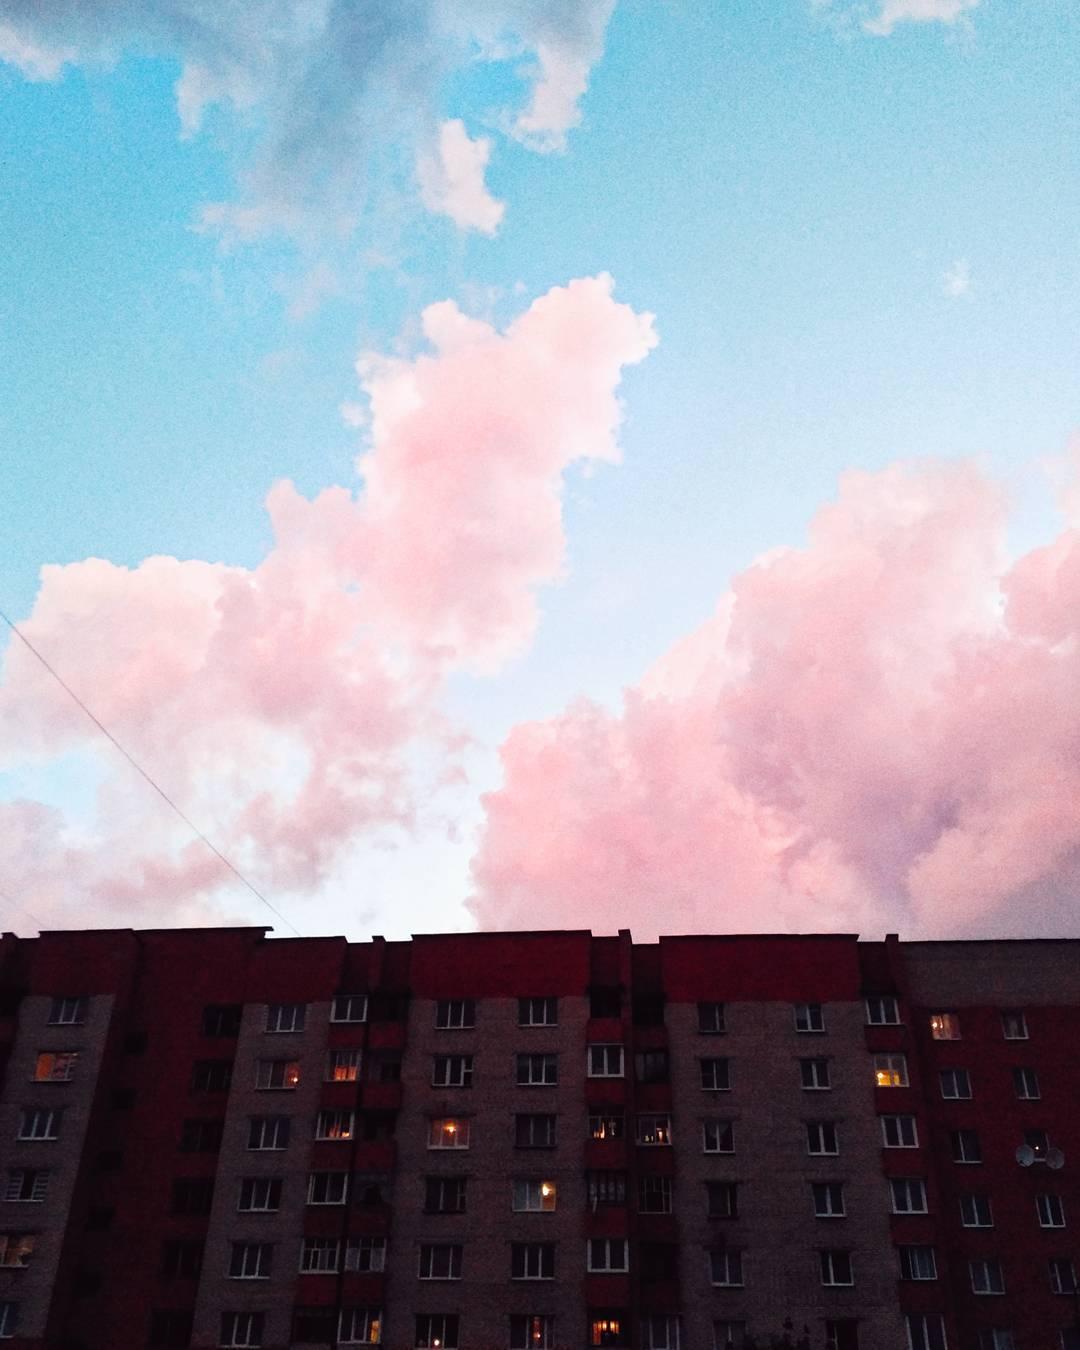 @halina_zaidova